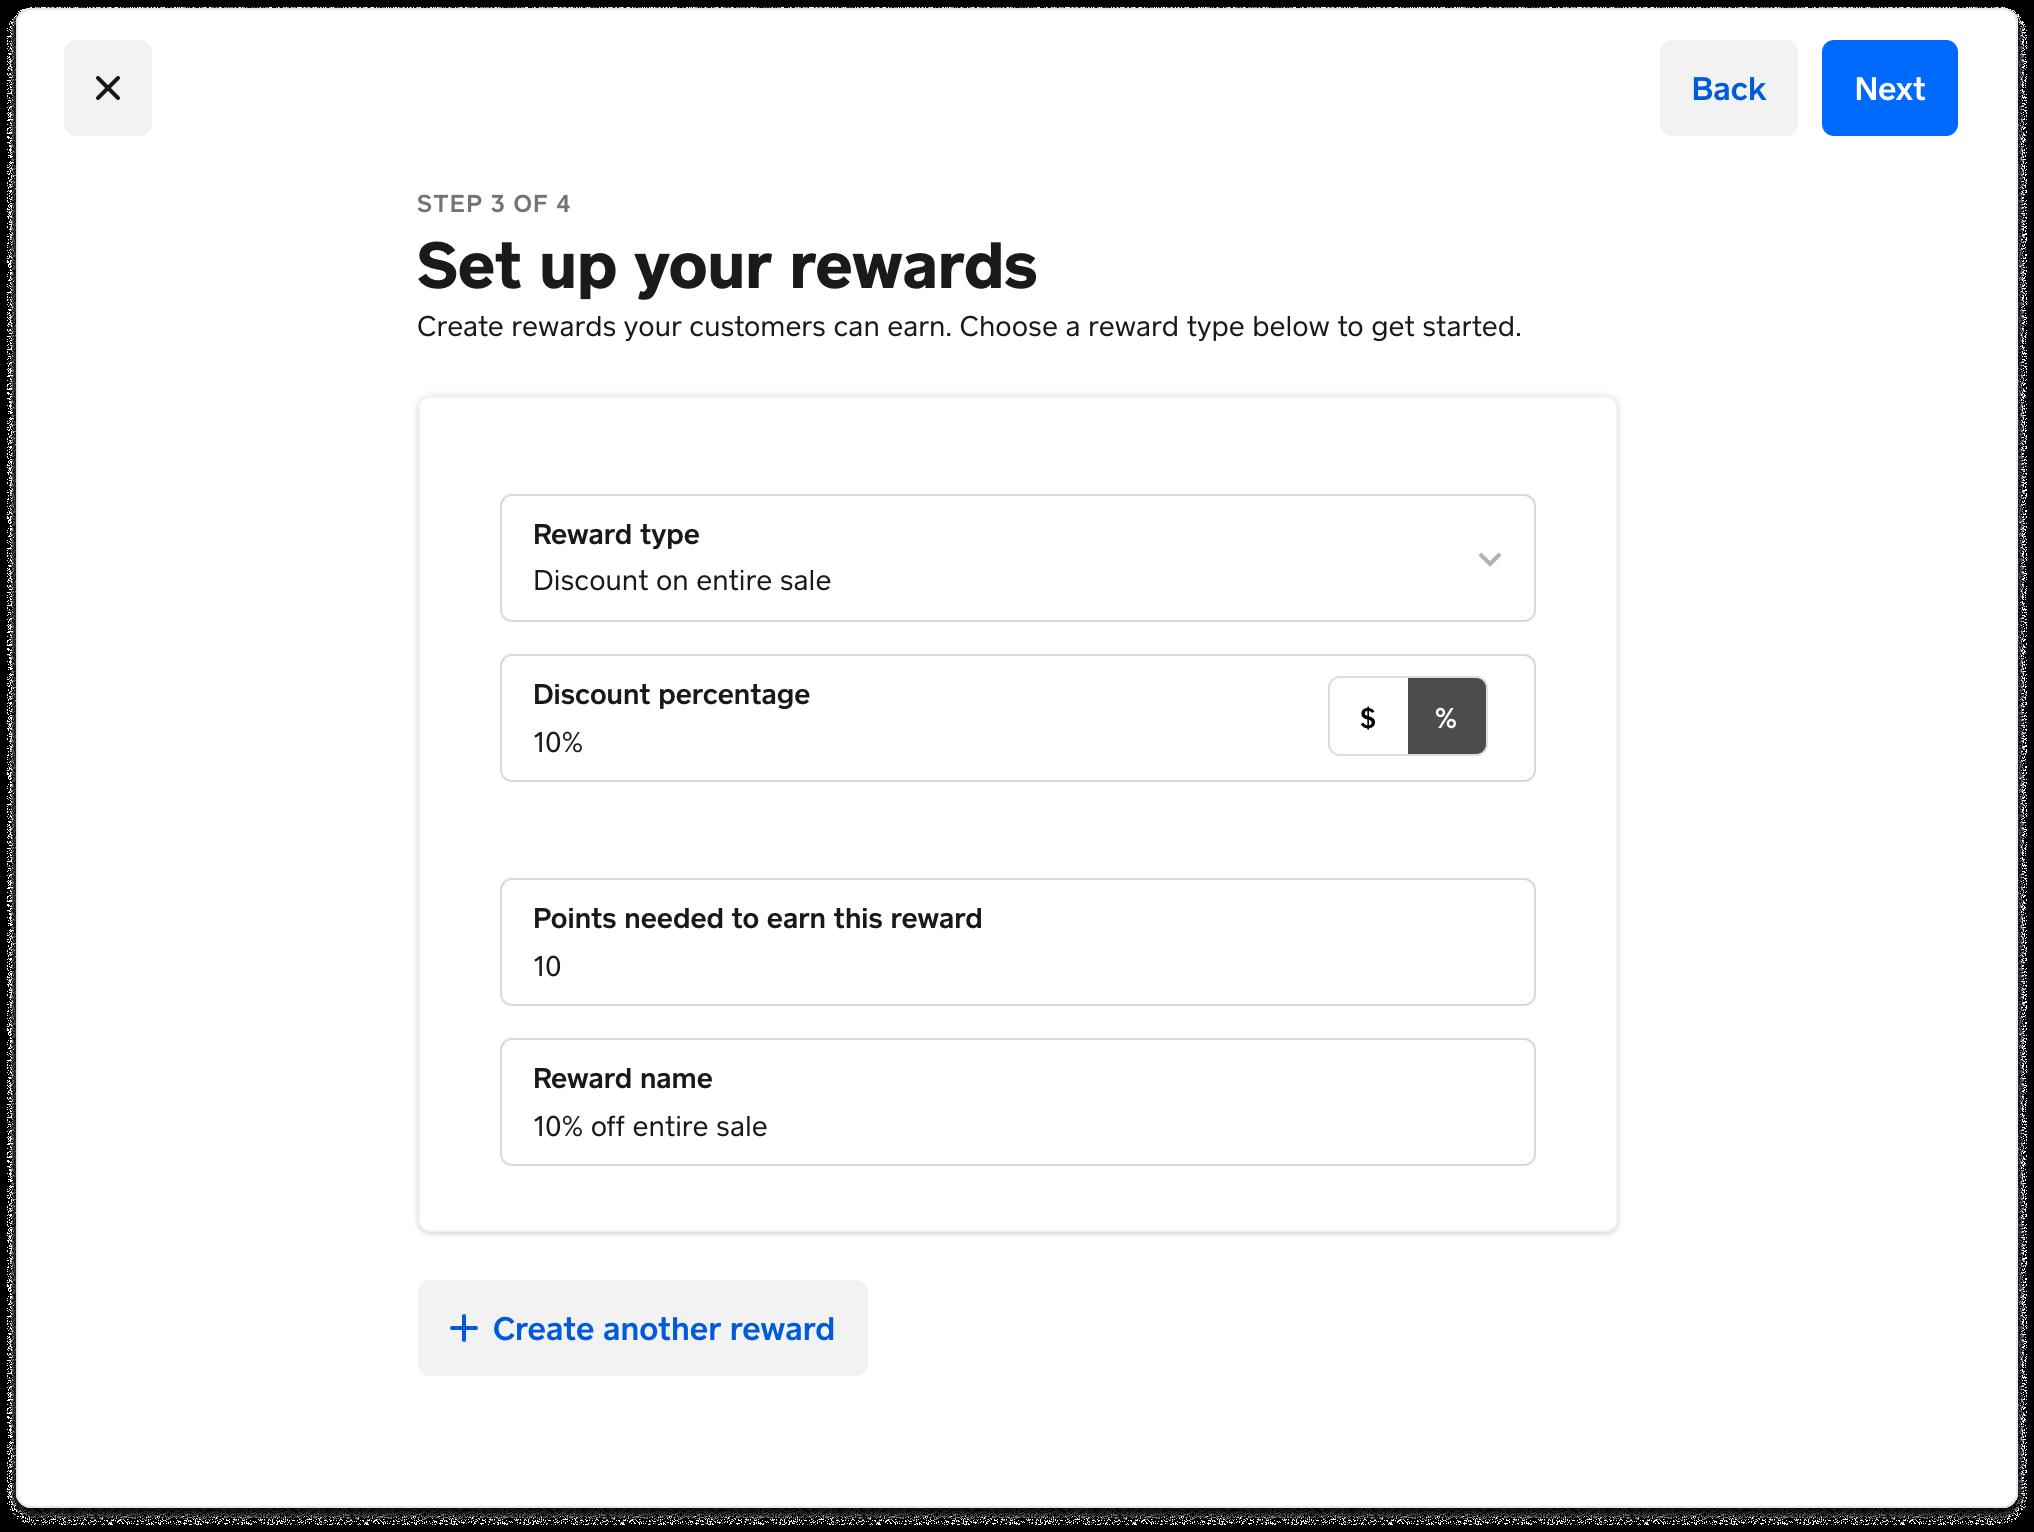 loyalty_entire_sale_reward